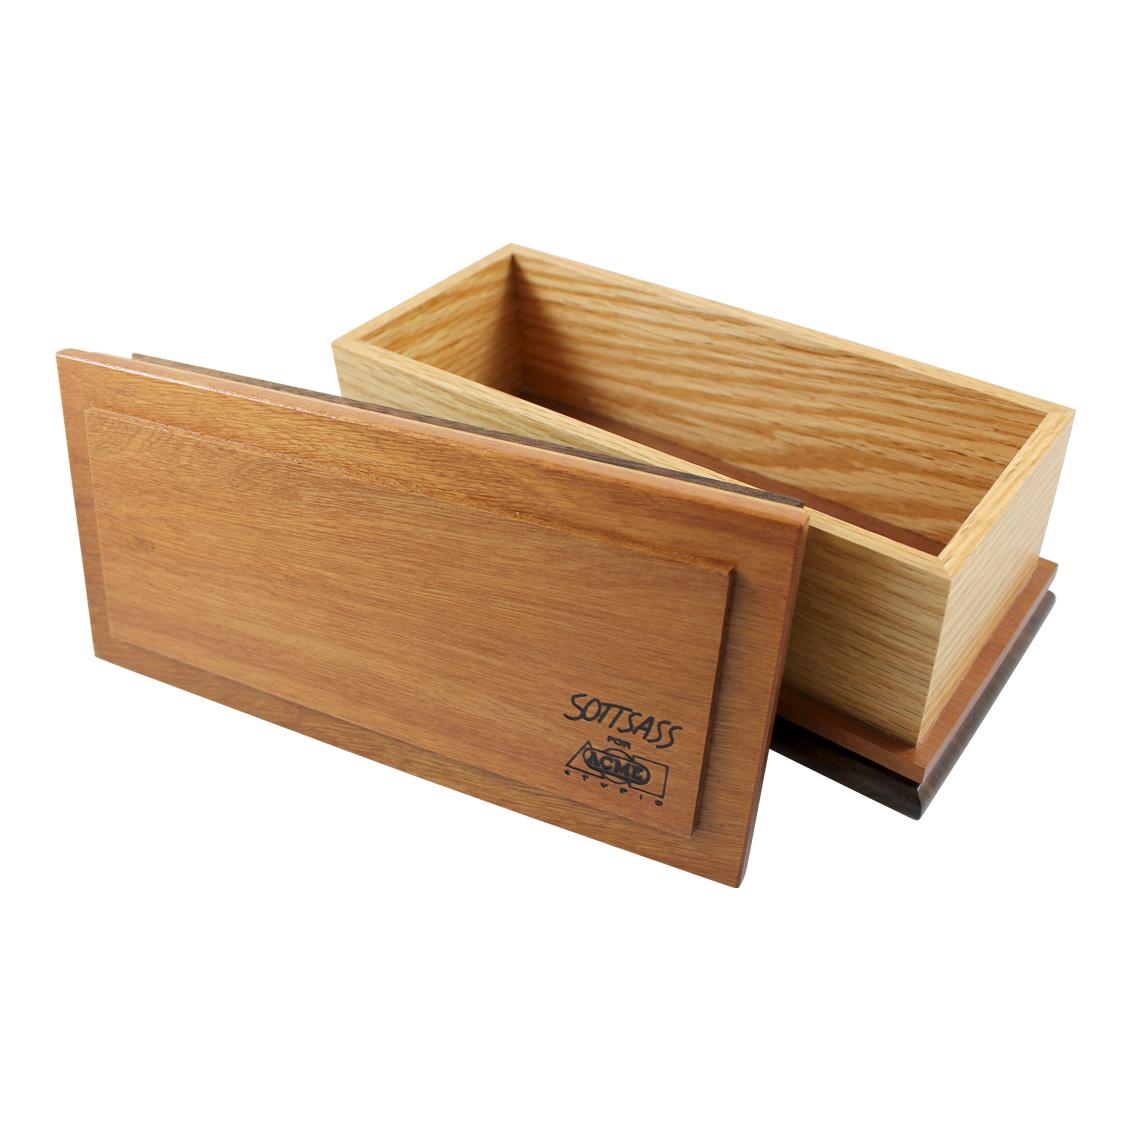 Shop Rectangular Wooden Box By Ettore Sottsass Oesbox03